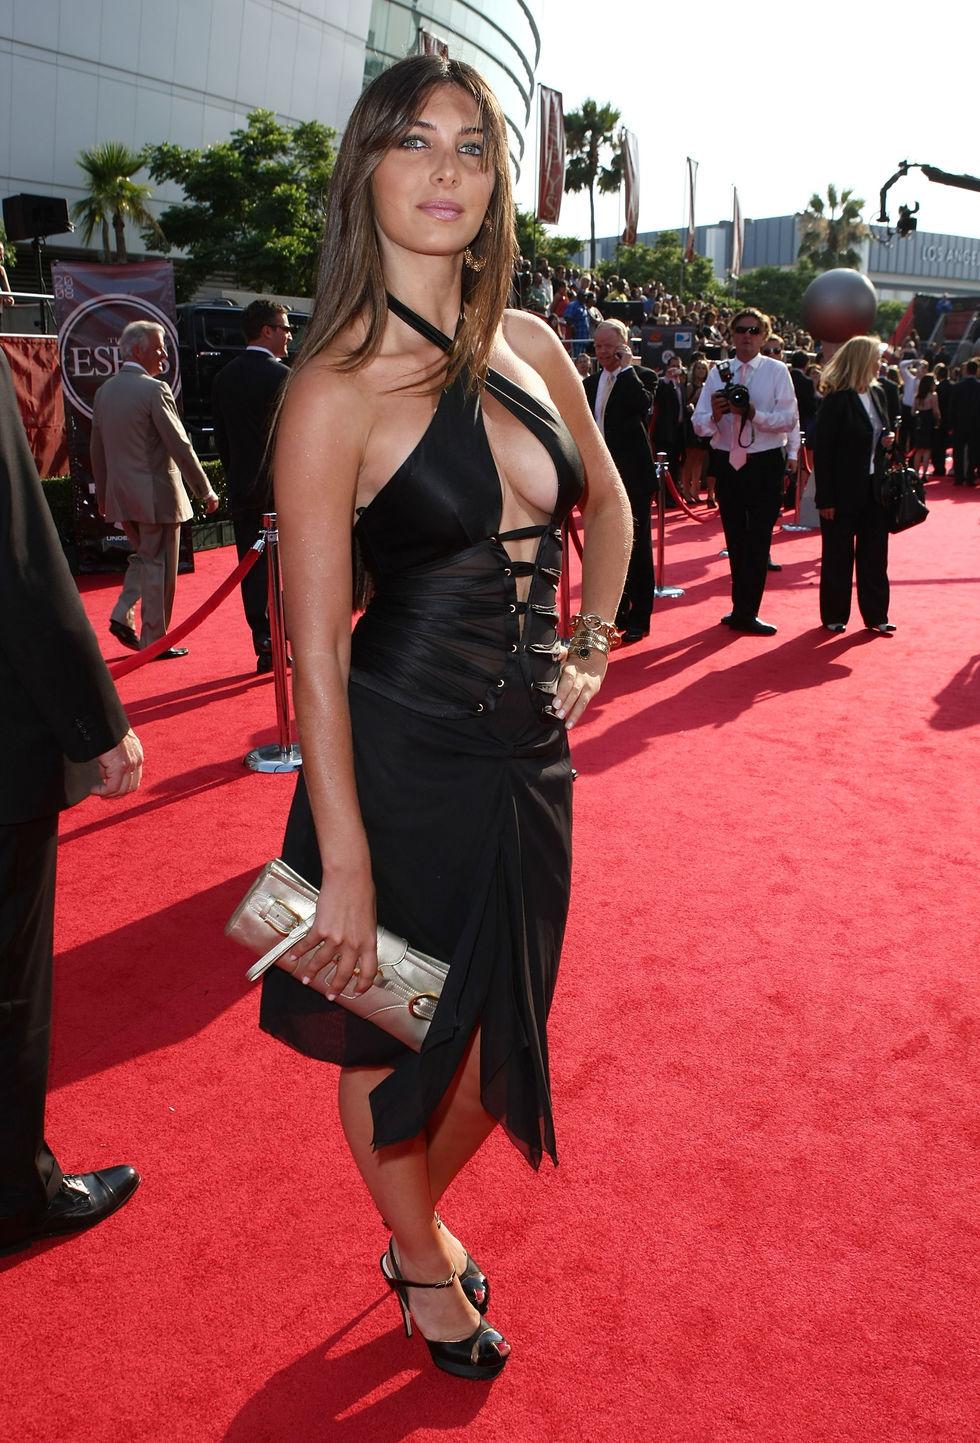 brittny-gastineau-2008-espy-awards-in-los-angeles-01